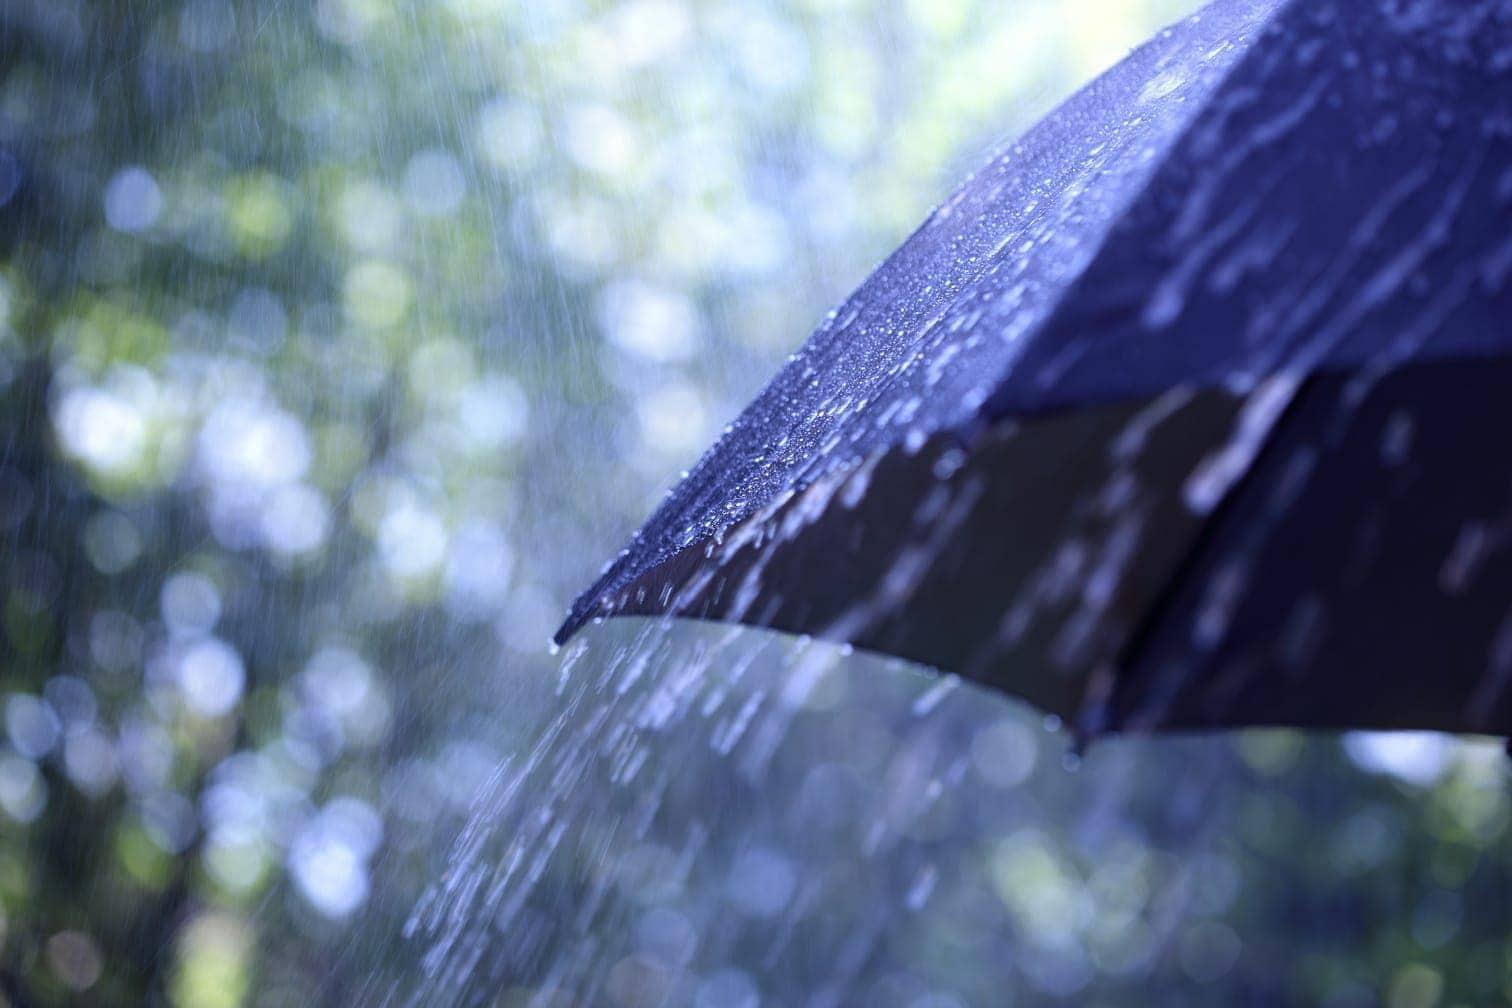 Foto: Brian A Jackson/shutterstock.com